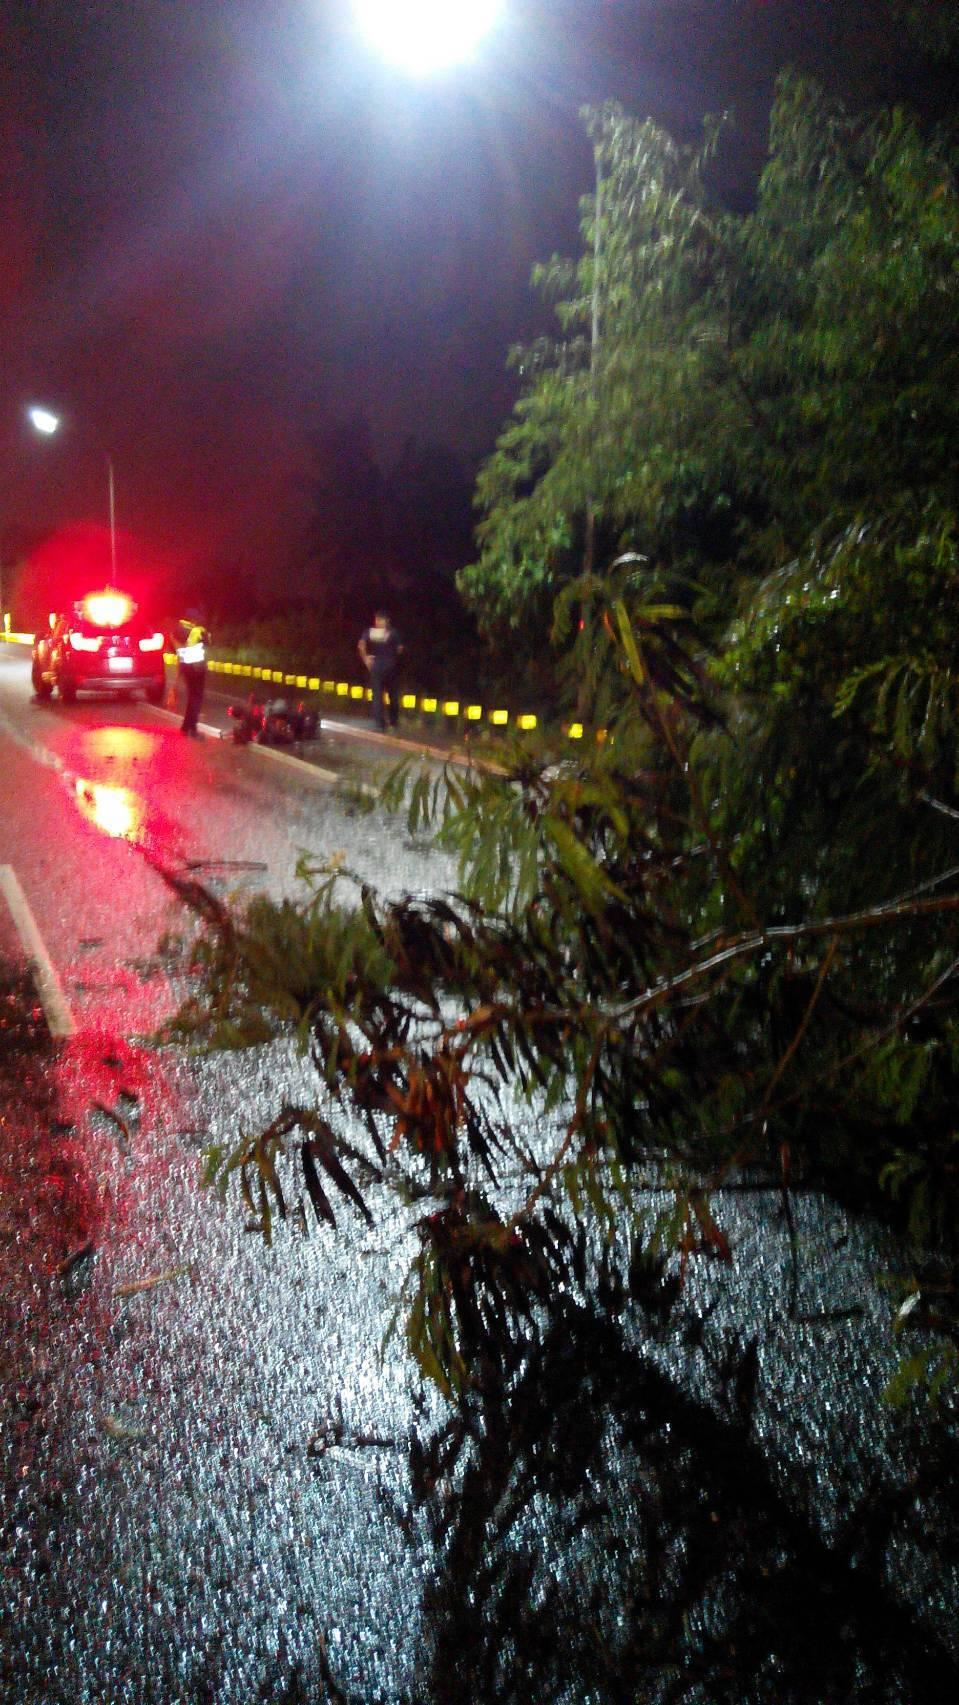 台南市警三分局指出,車禍原因仍待釐清。記者邵心杰/翻攝